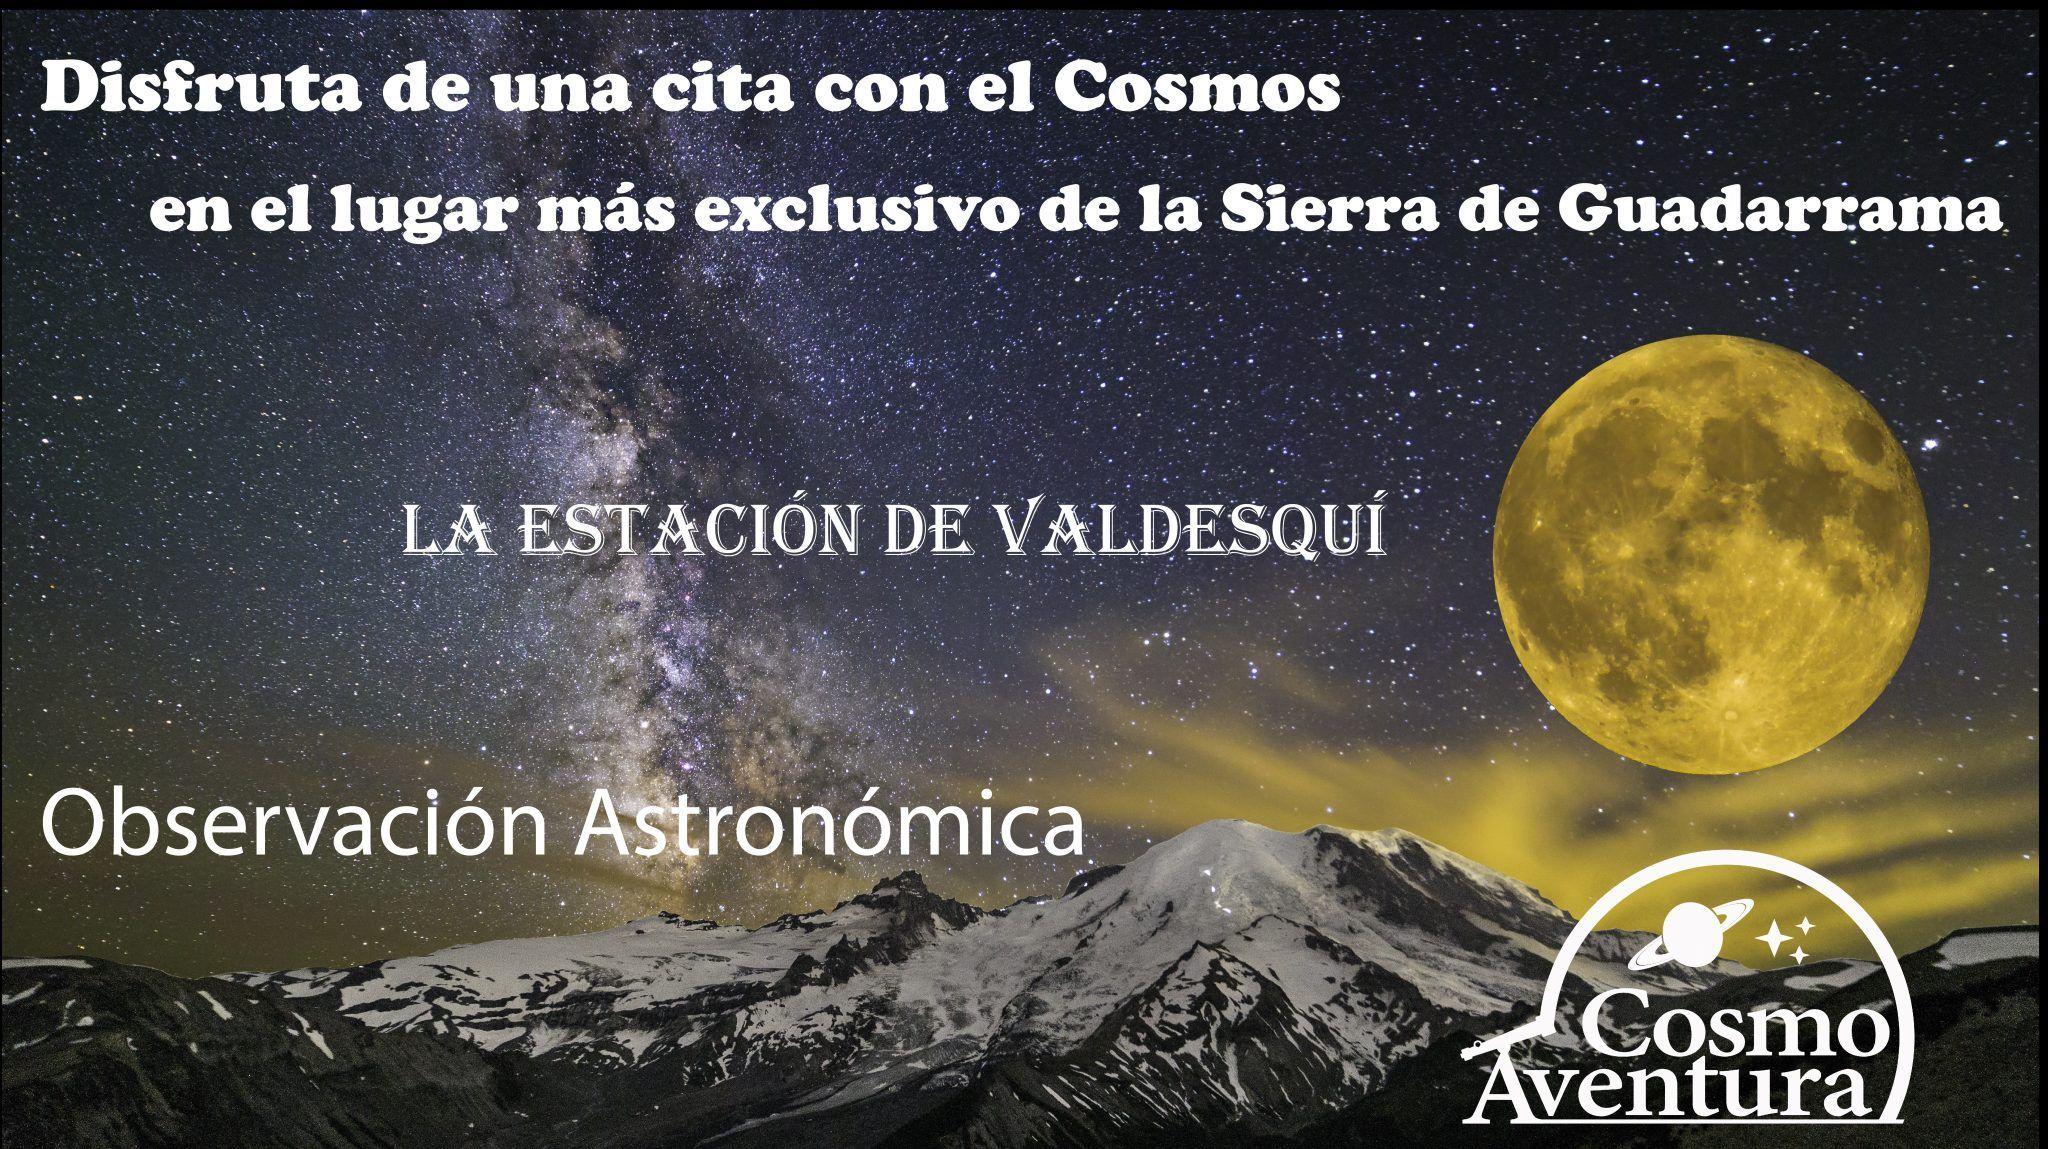 (CANCELADO POR MAL TIEMPO) 11-09-2021.- Observación Astronómica en el lugar más exclusivo de Madrid: La Estación de Valdesquí